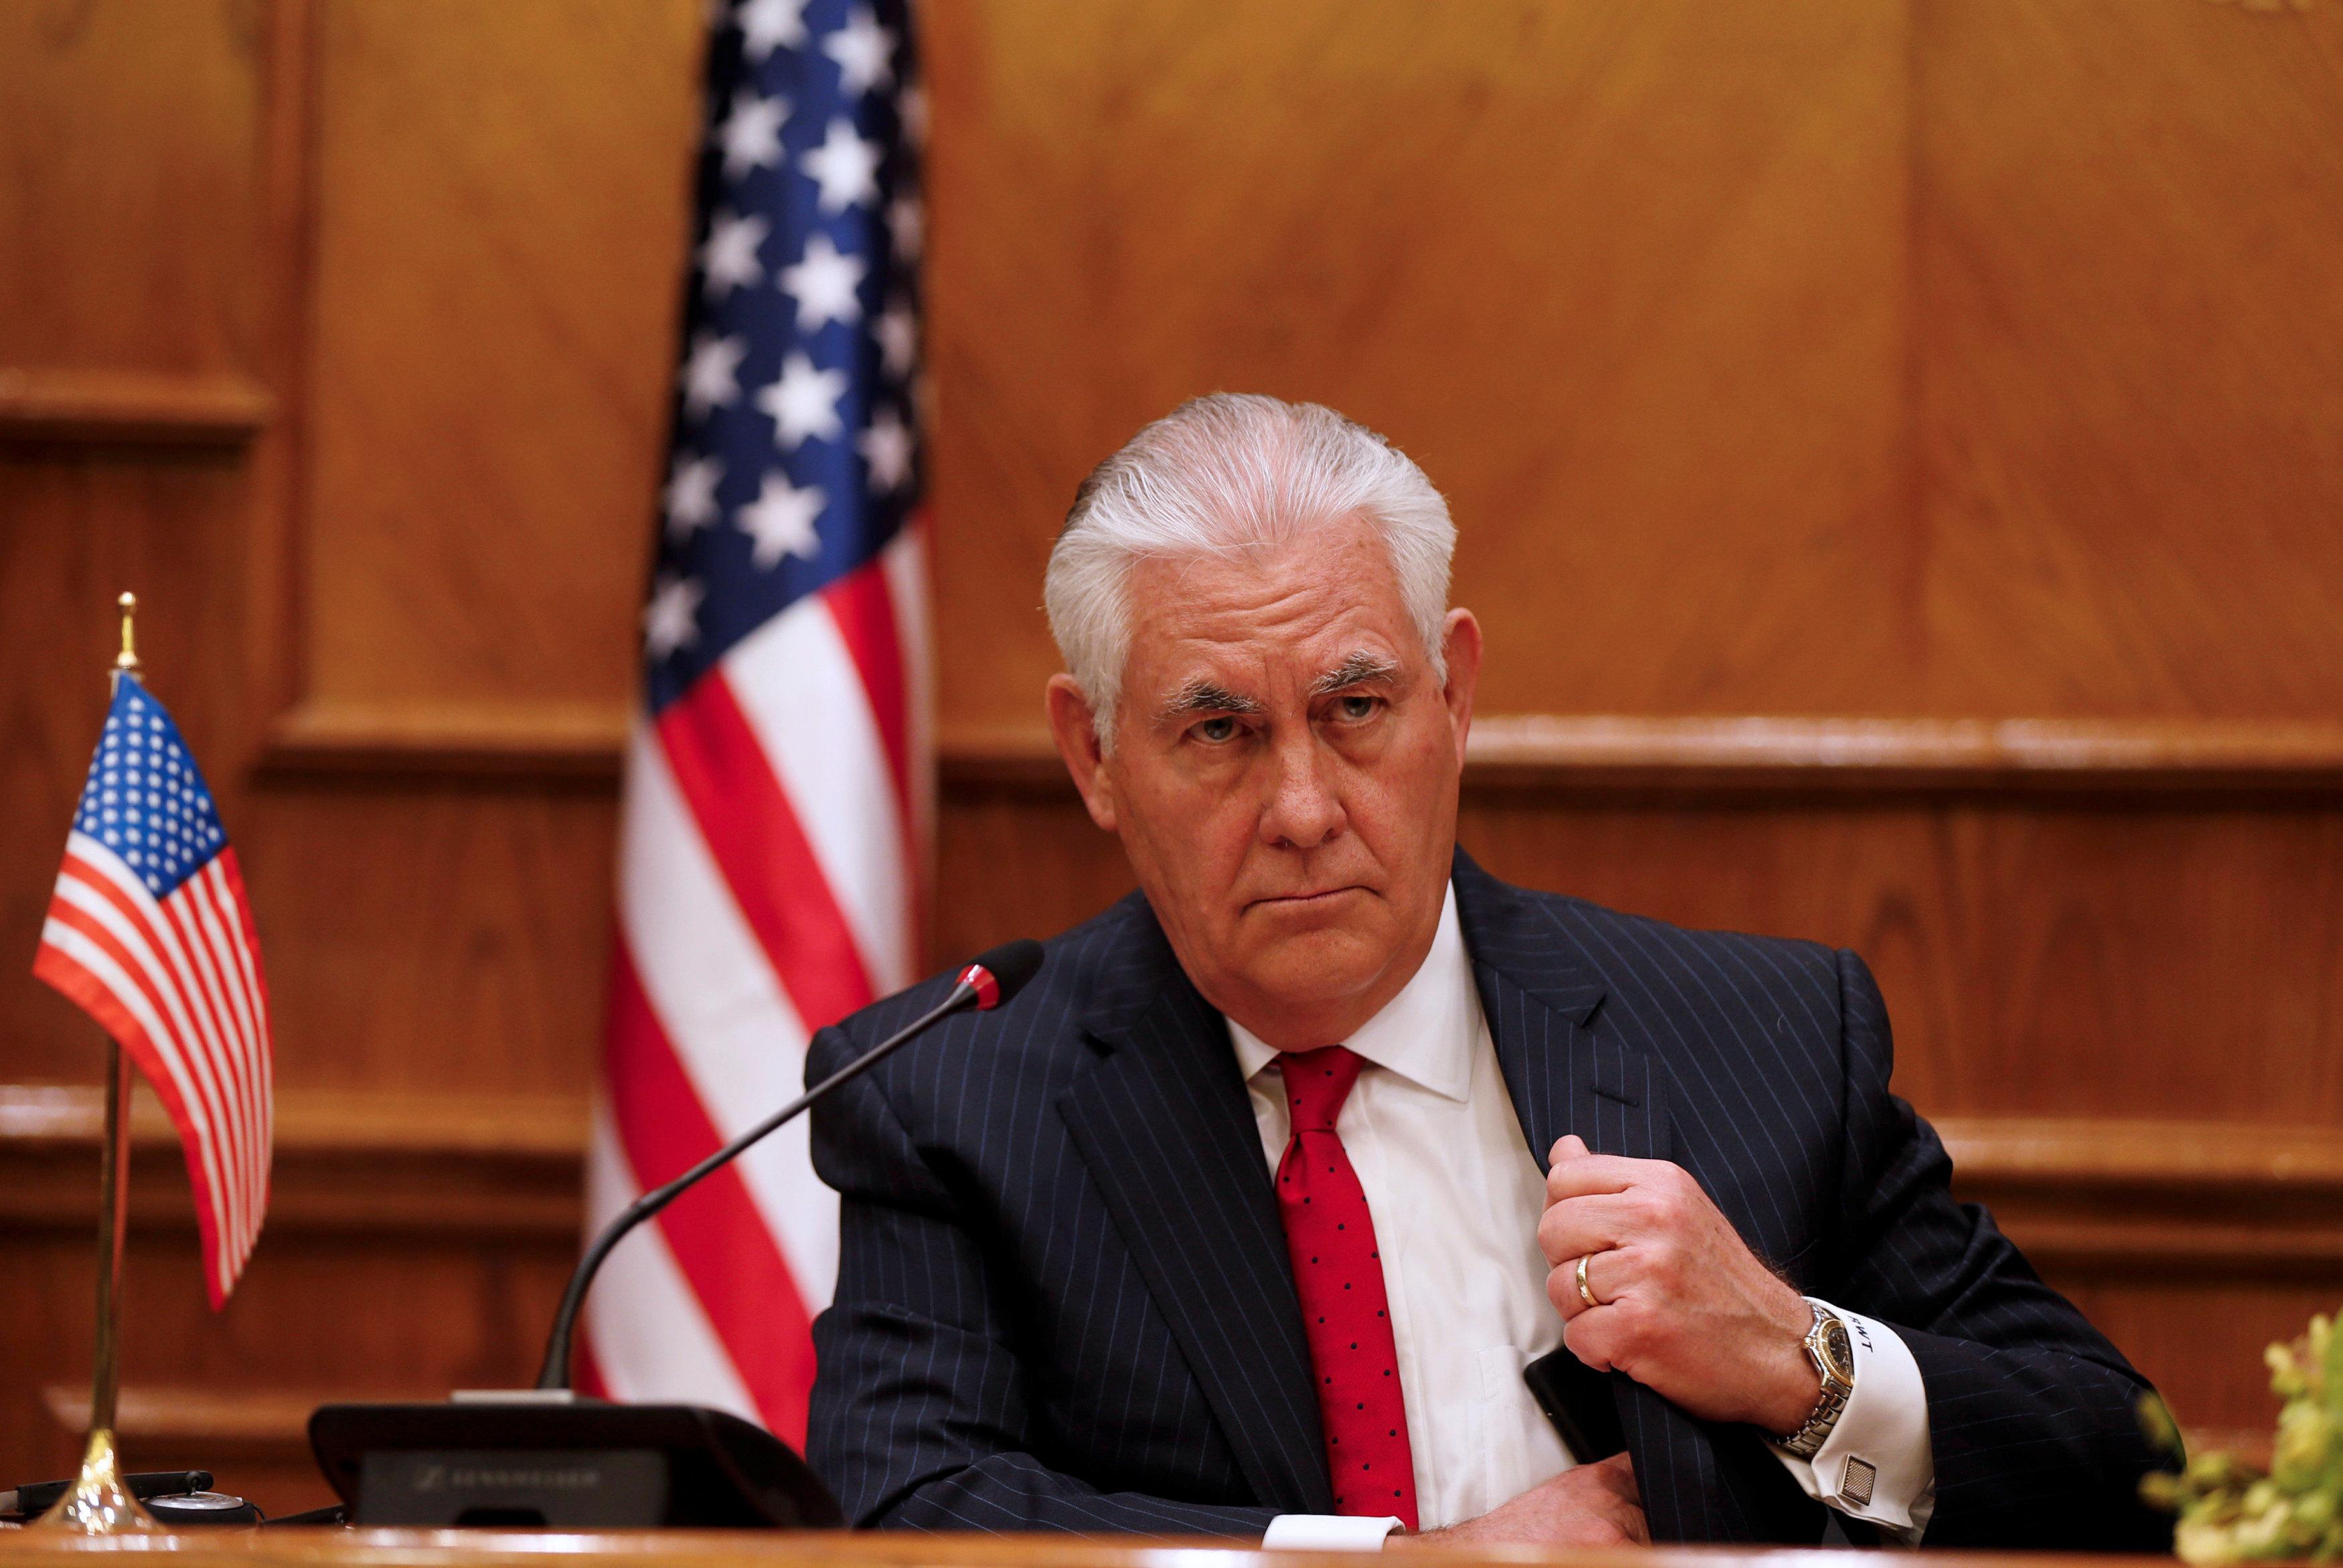 미국 정부가 '러시아 선거개입'에 손을 놓고